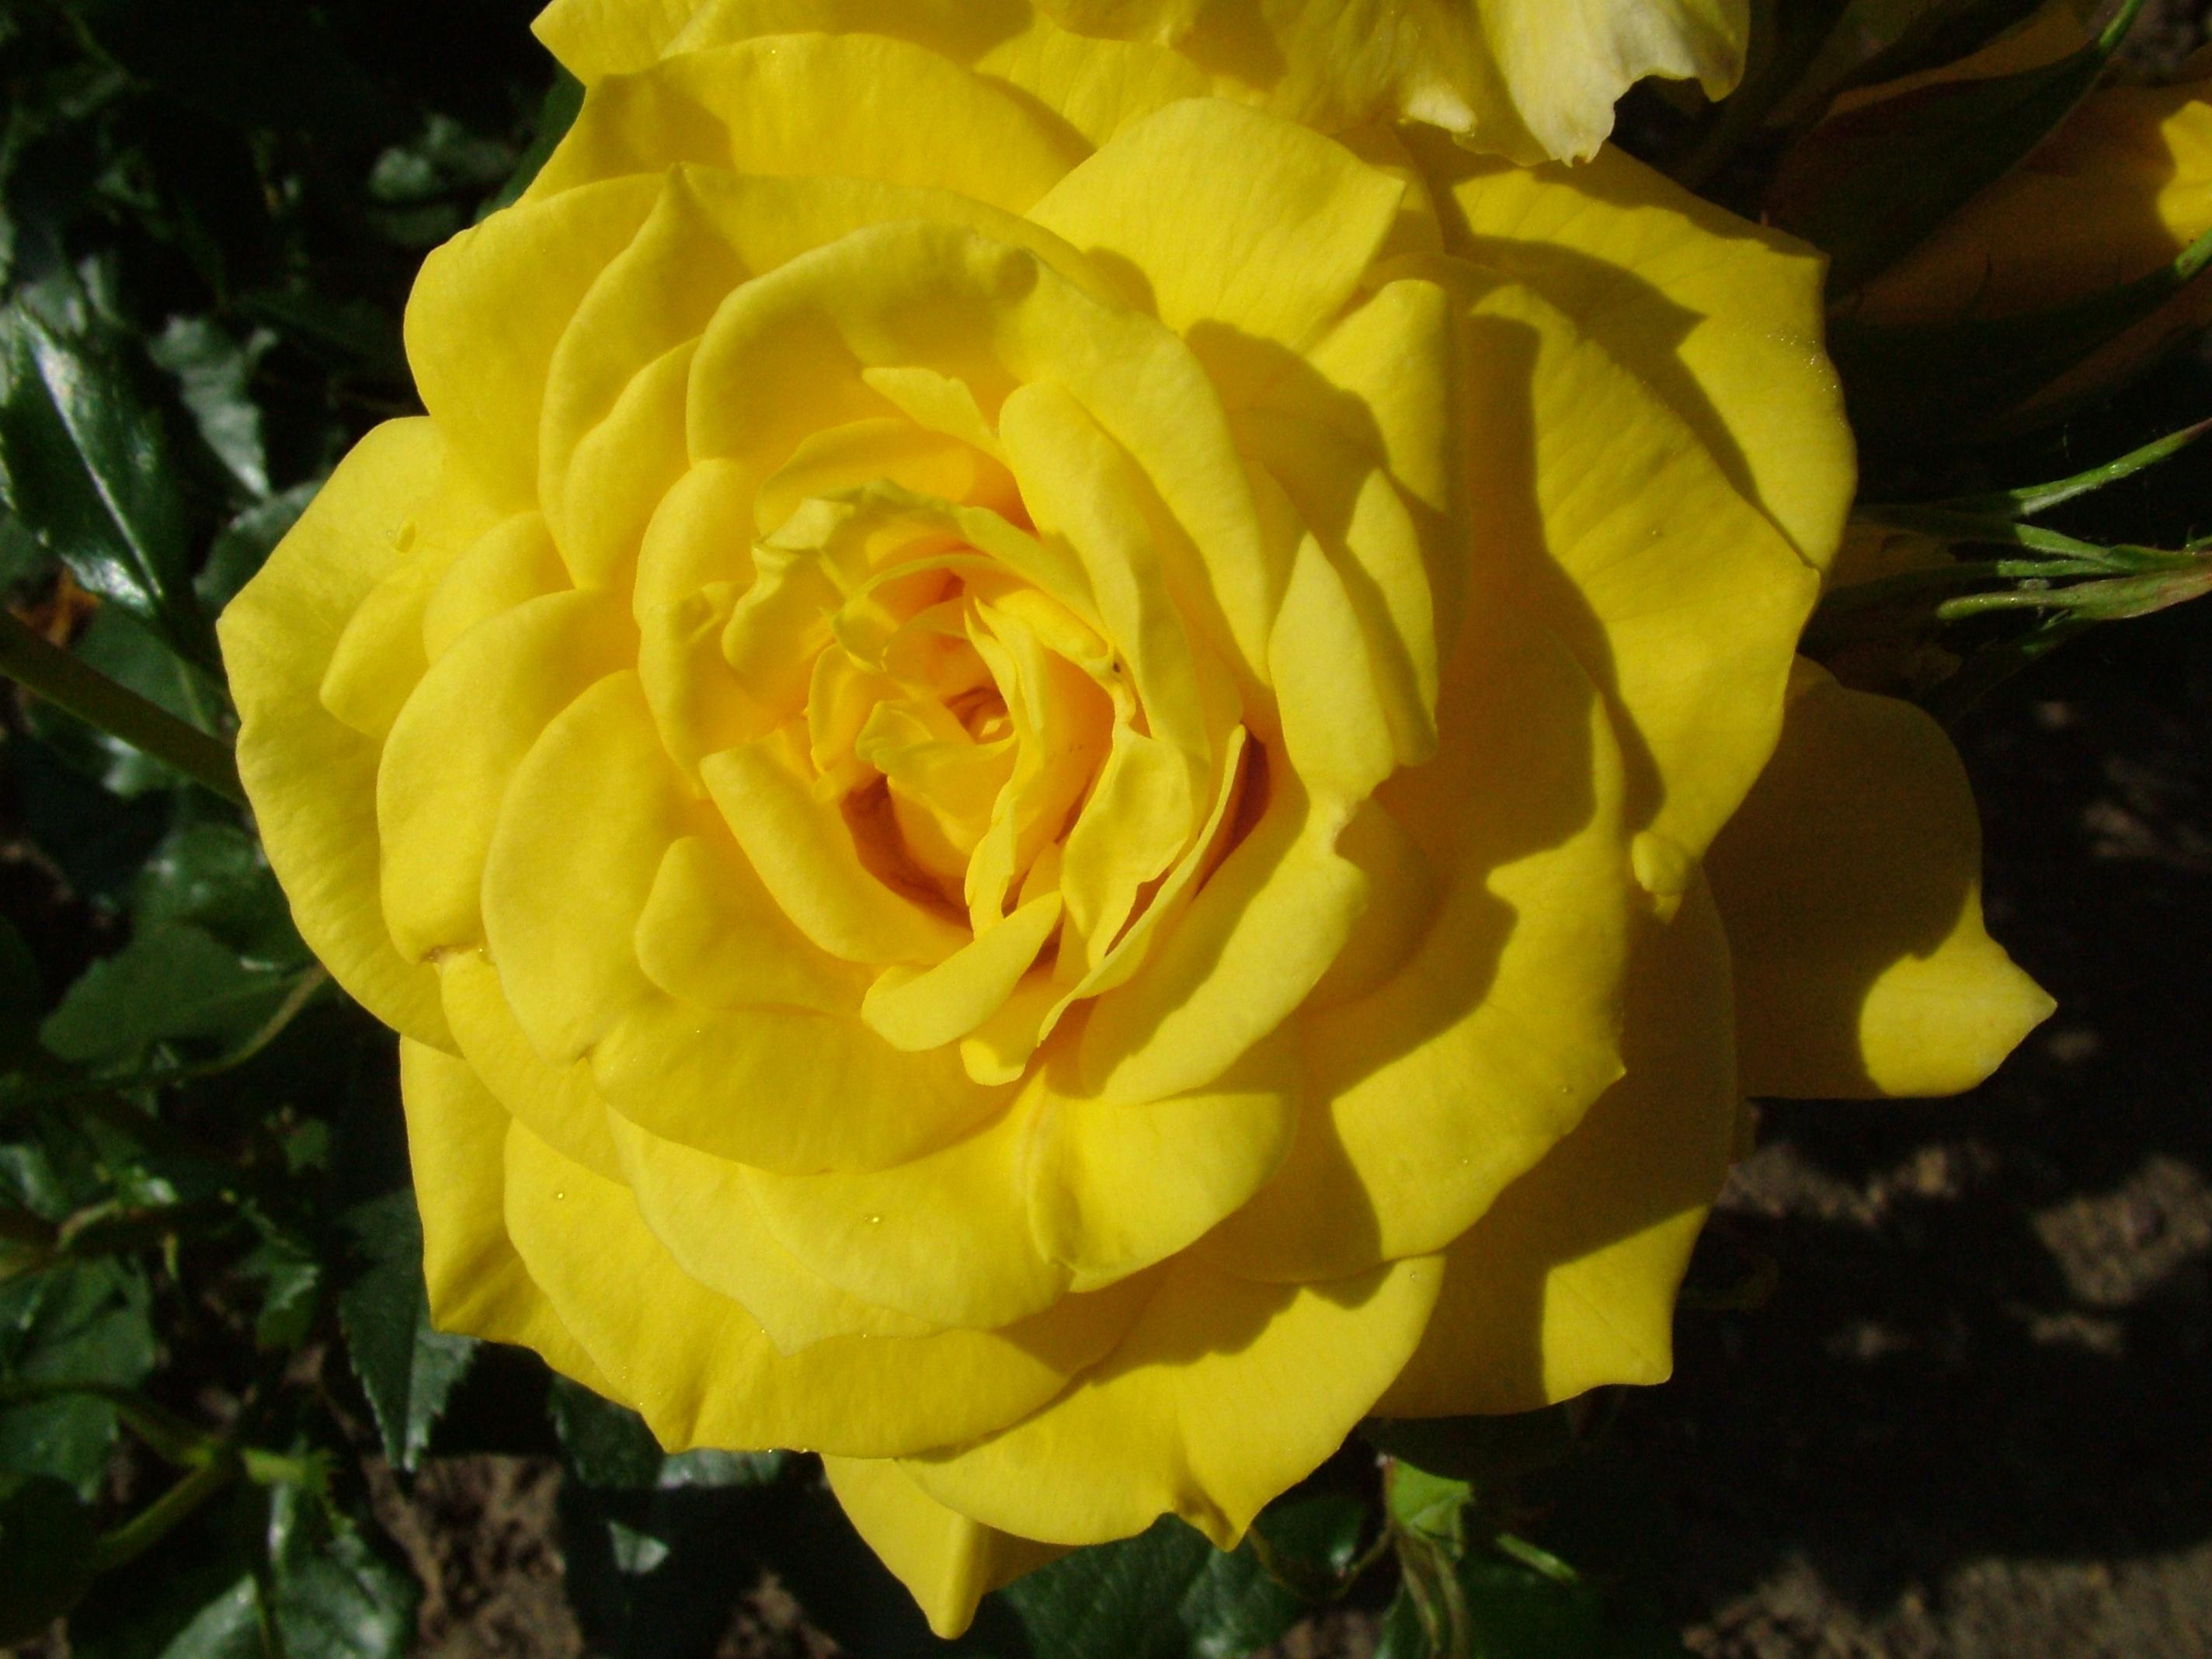 Yellow Rose 4k